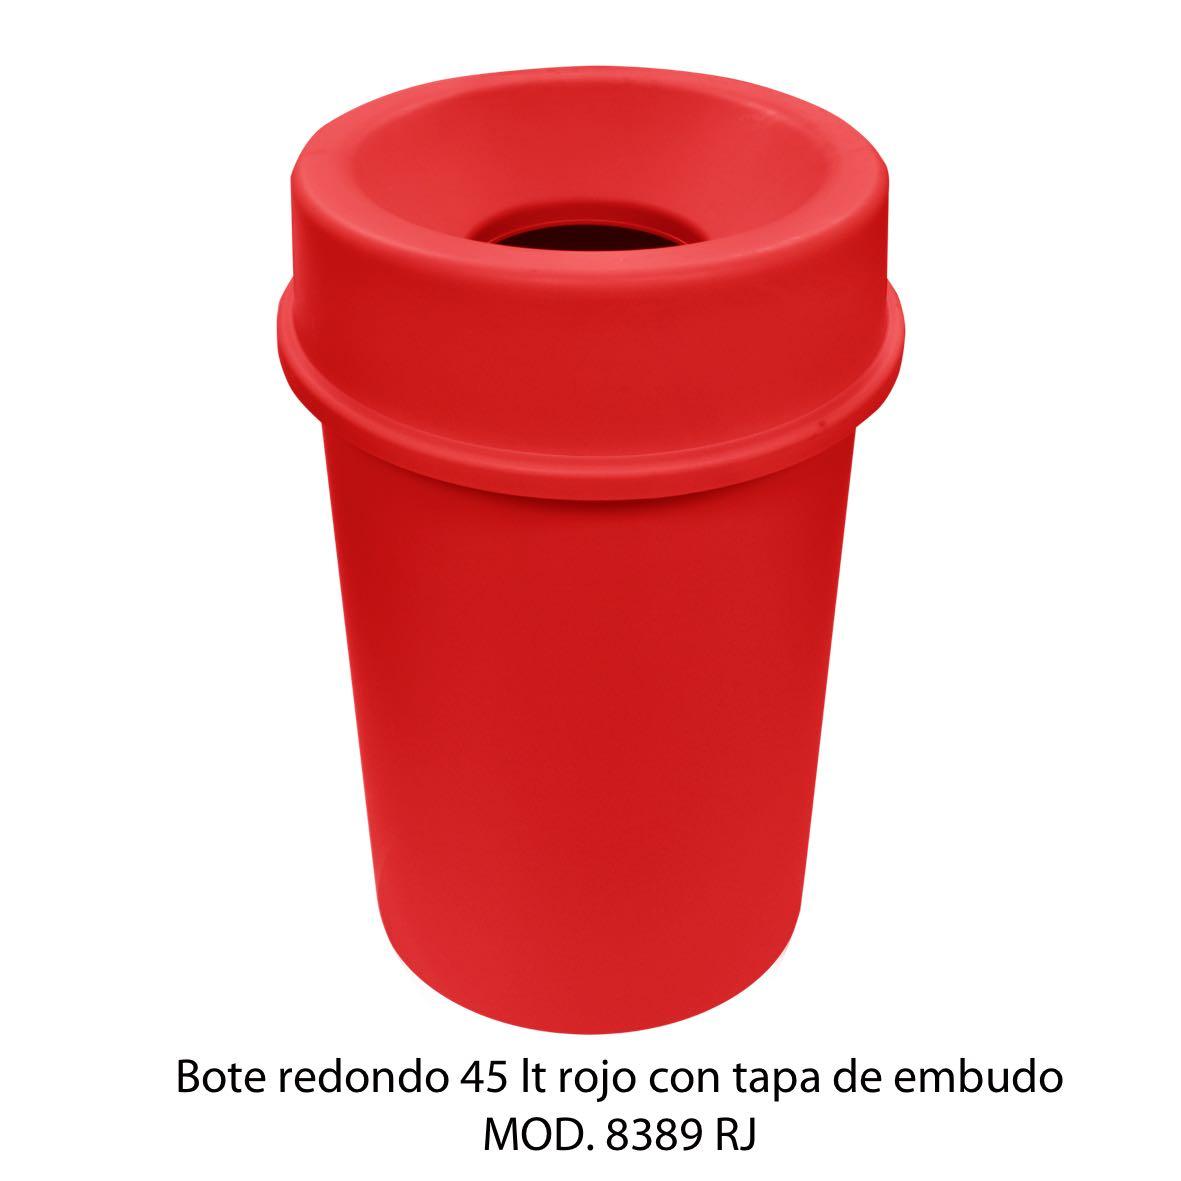 Bote de basura redondo 45 litros con tapa de embudo color rojo modelo 8389 RJ Sablón